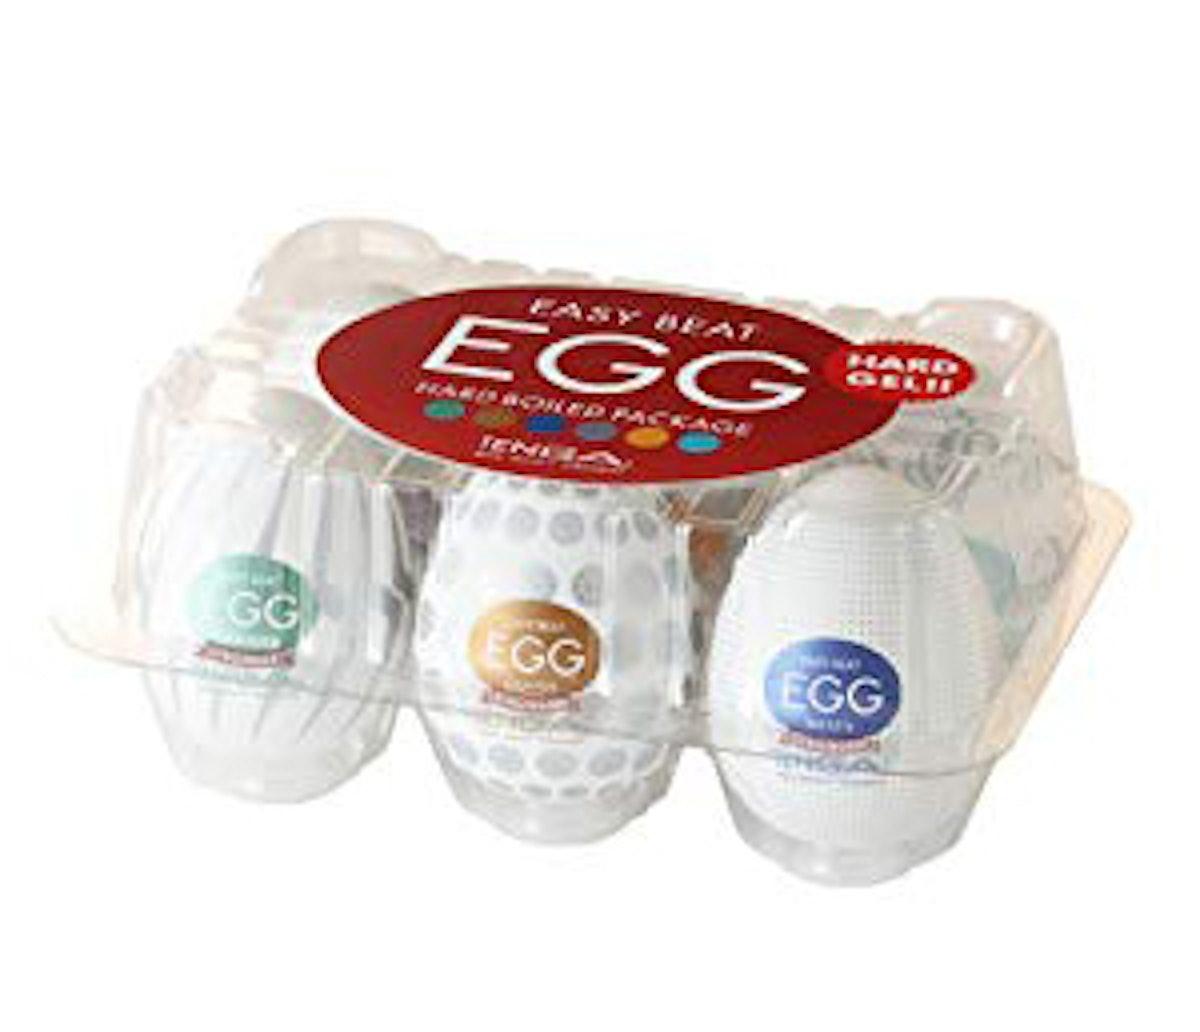 Tenga Egg Variety 6-Pack